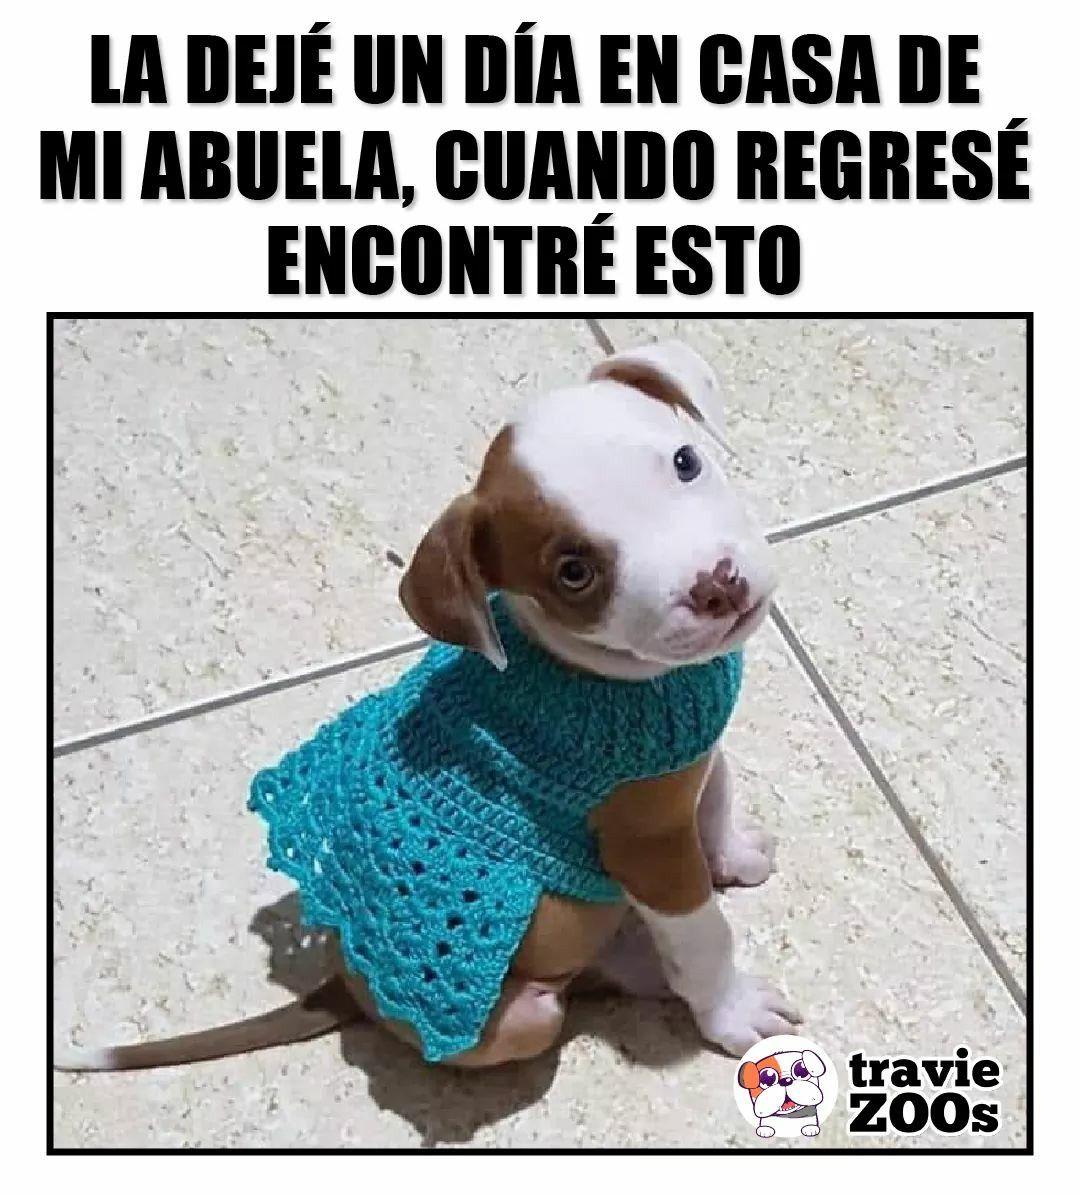 Pin De Maron En Xd Memes De Animales Divertidos Memes Divertidos Humor Divertido Sobre Animales